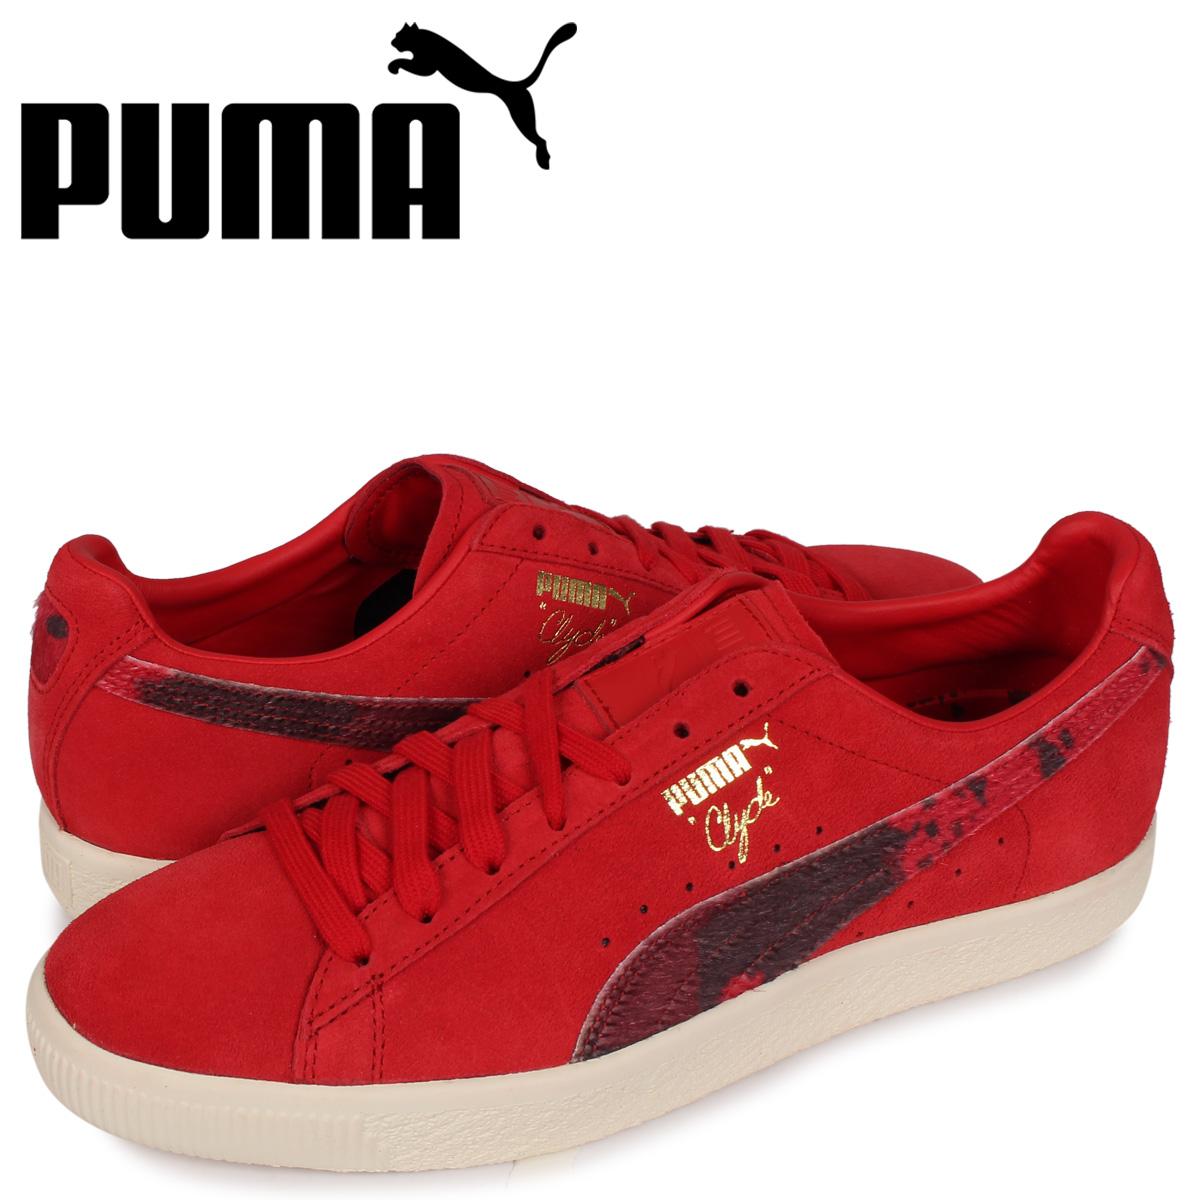 プーマ PUMA クライド パッカー スニーカー メンズ CLYDE X PACKER レッド 363507-02 [3/9 新入荷]